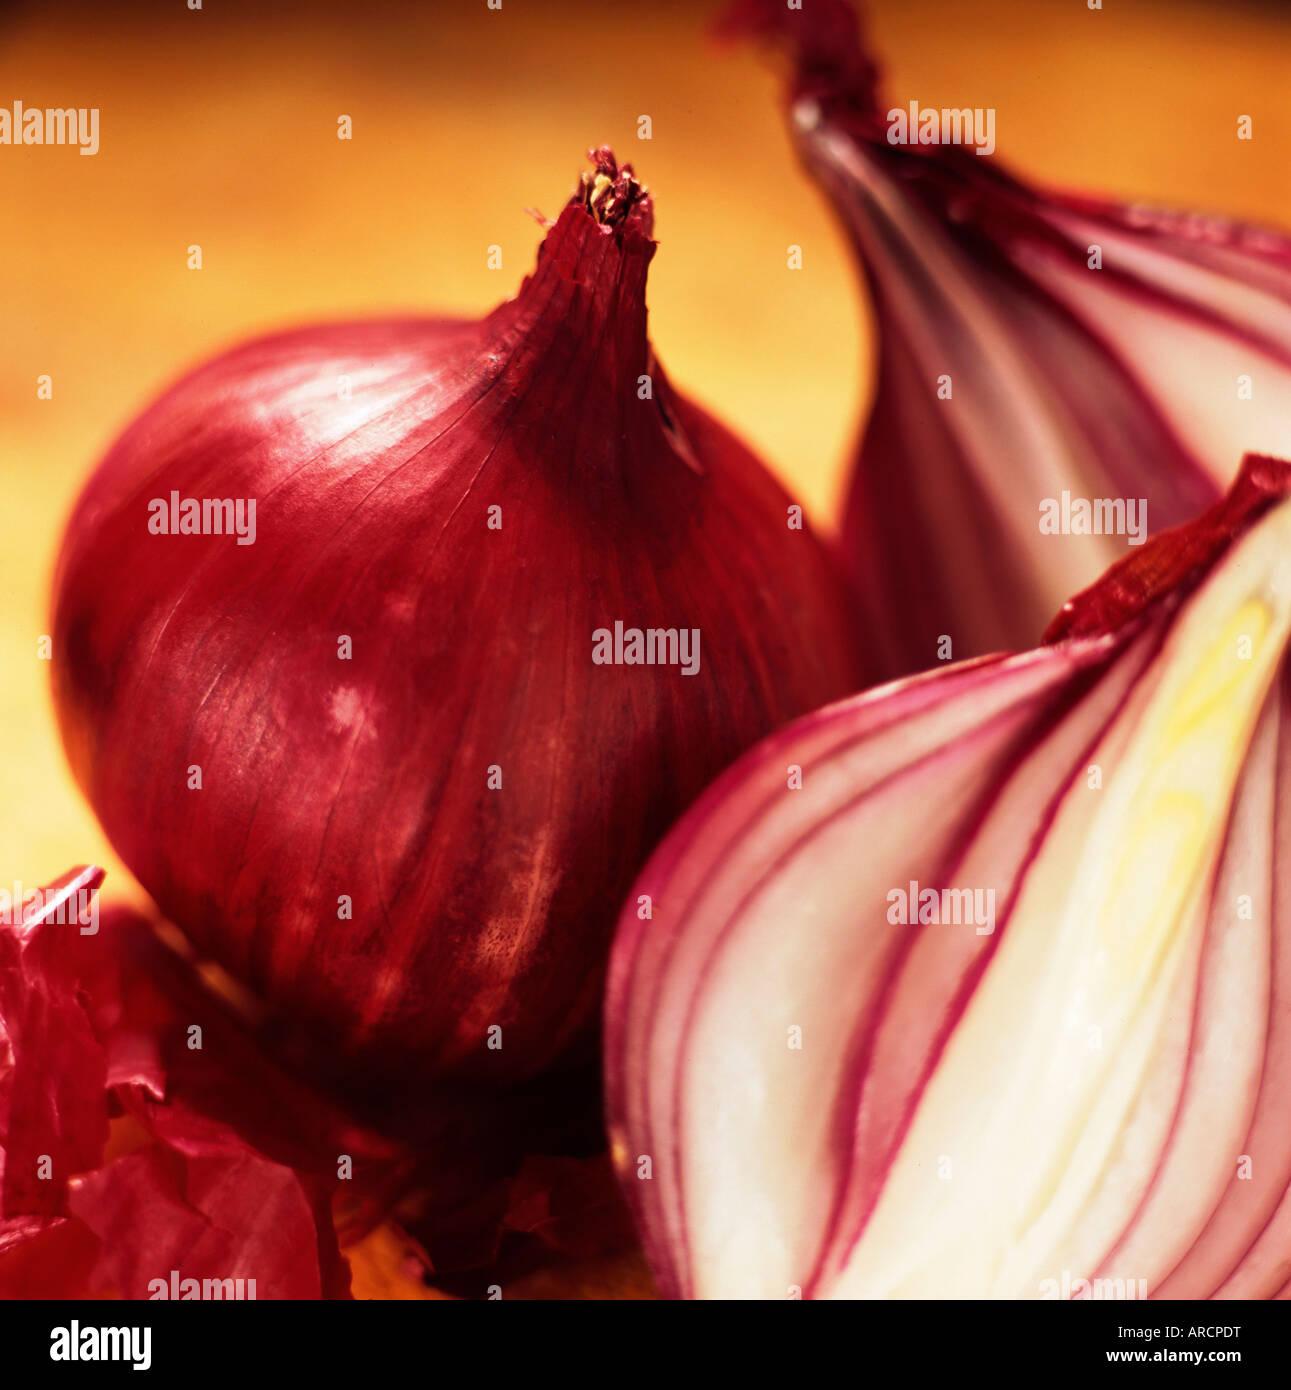 Foto de estudio de cebolla roja Imagen De Stock